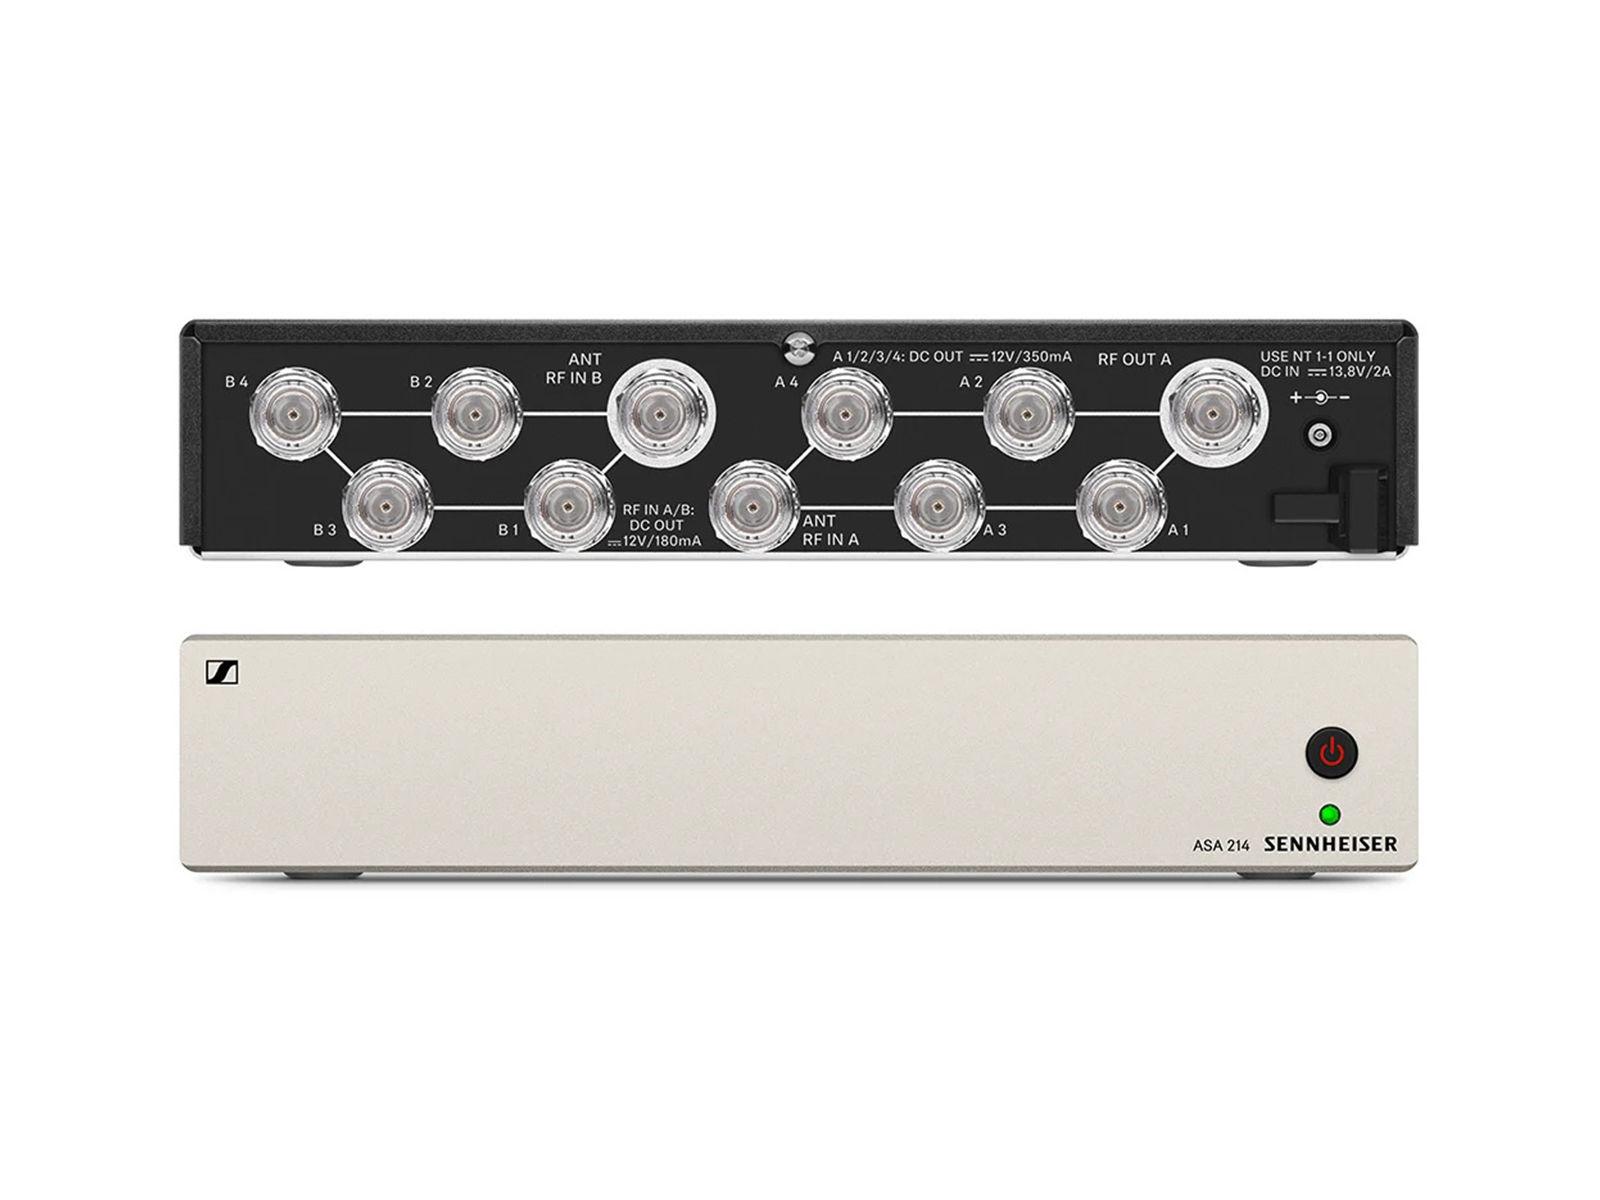 Sennheiser ASA 214-UHF | Aktiver Antennen-Splitter ew G3 / ew G4,